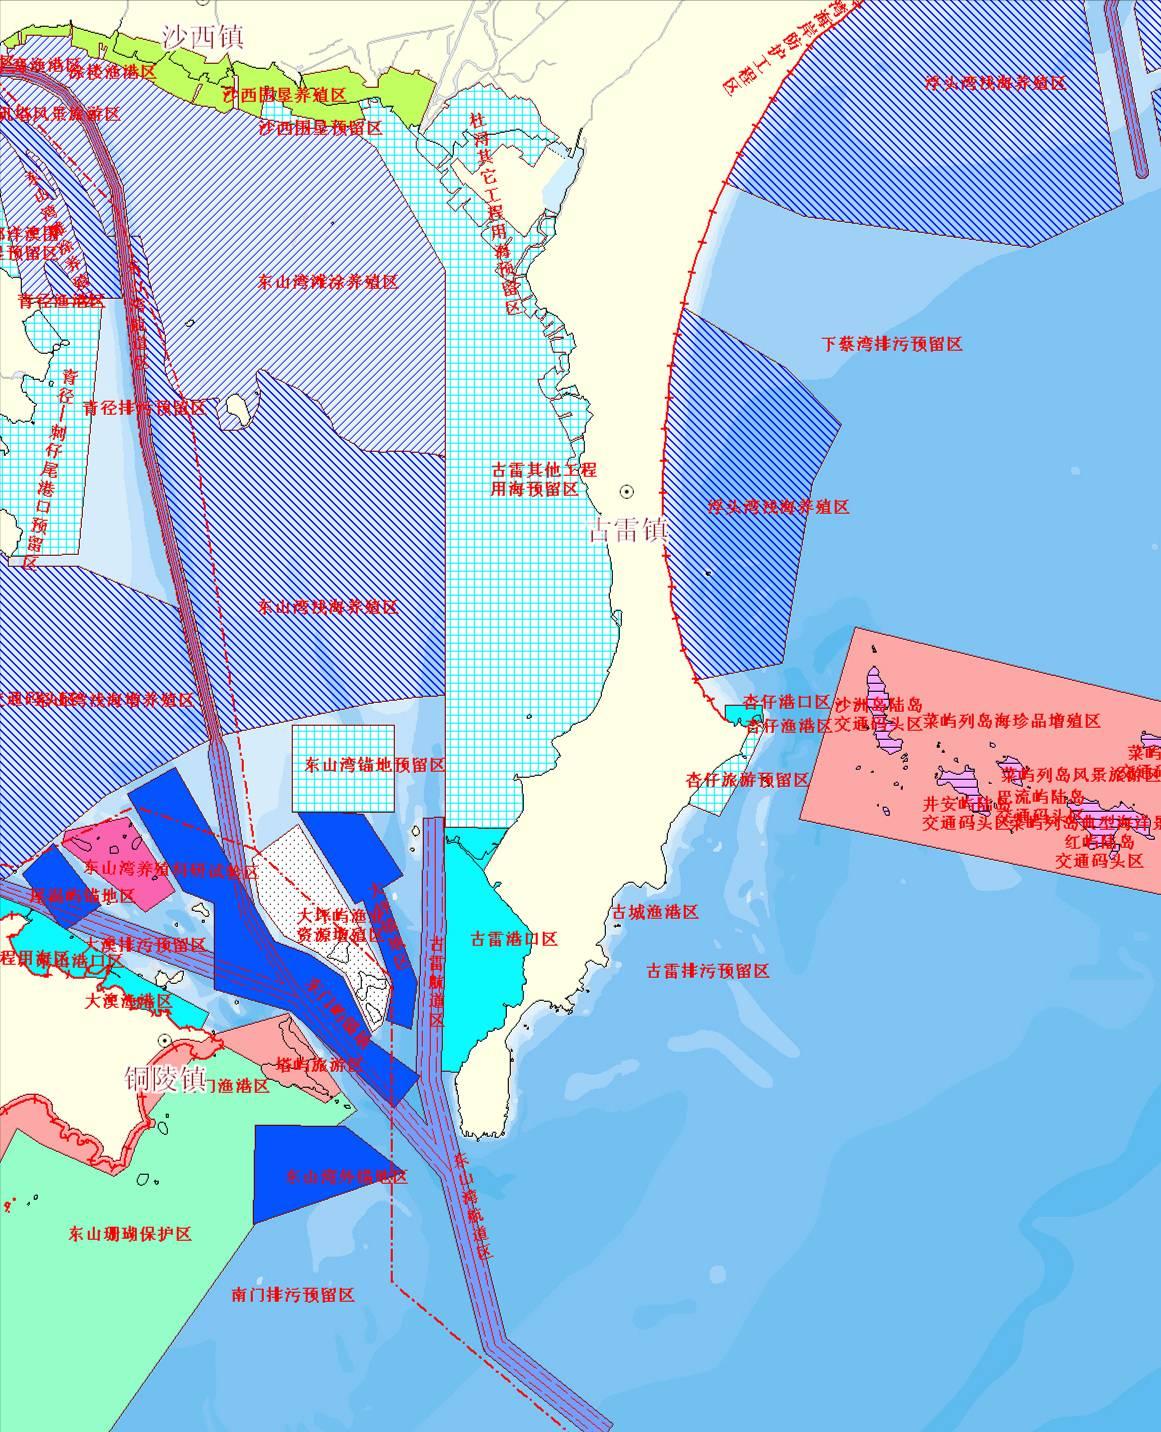 古雷半岛附近海域海洋功能区划